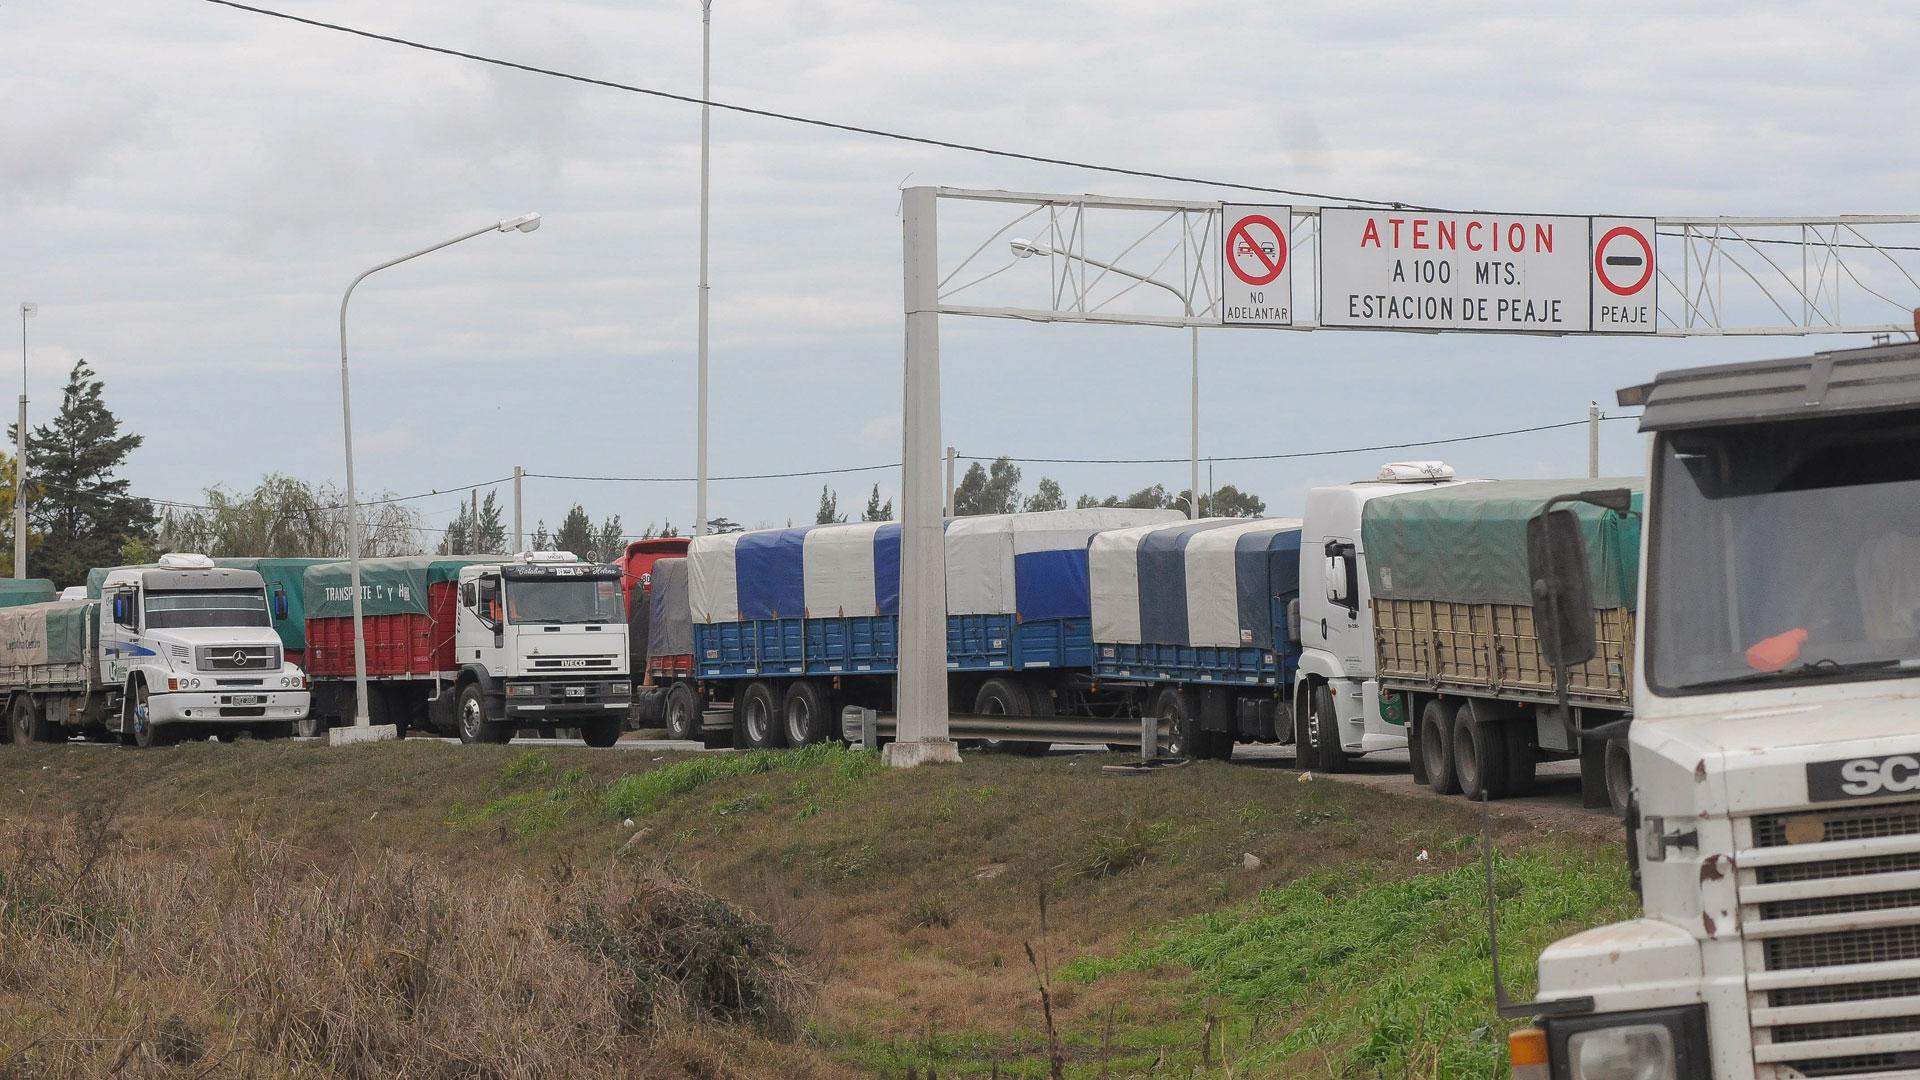 Los puertos de Rosario, el norte de la provincia de Buenos Aires, parte de Entre Ríos, y el sudeste bonaerense, son los más afectados por el conflicto camionero (Télam)